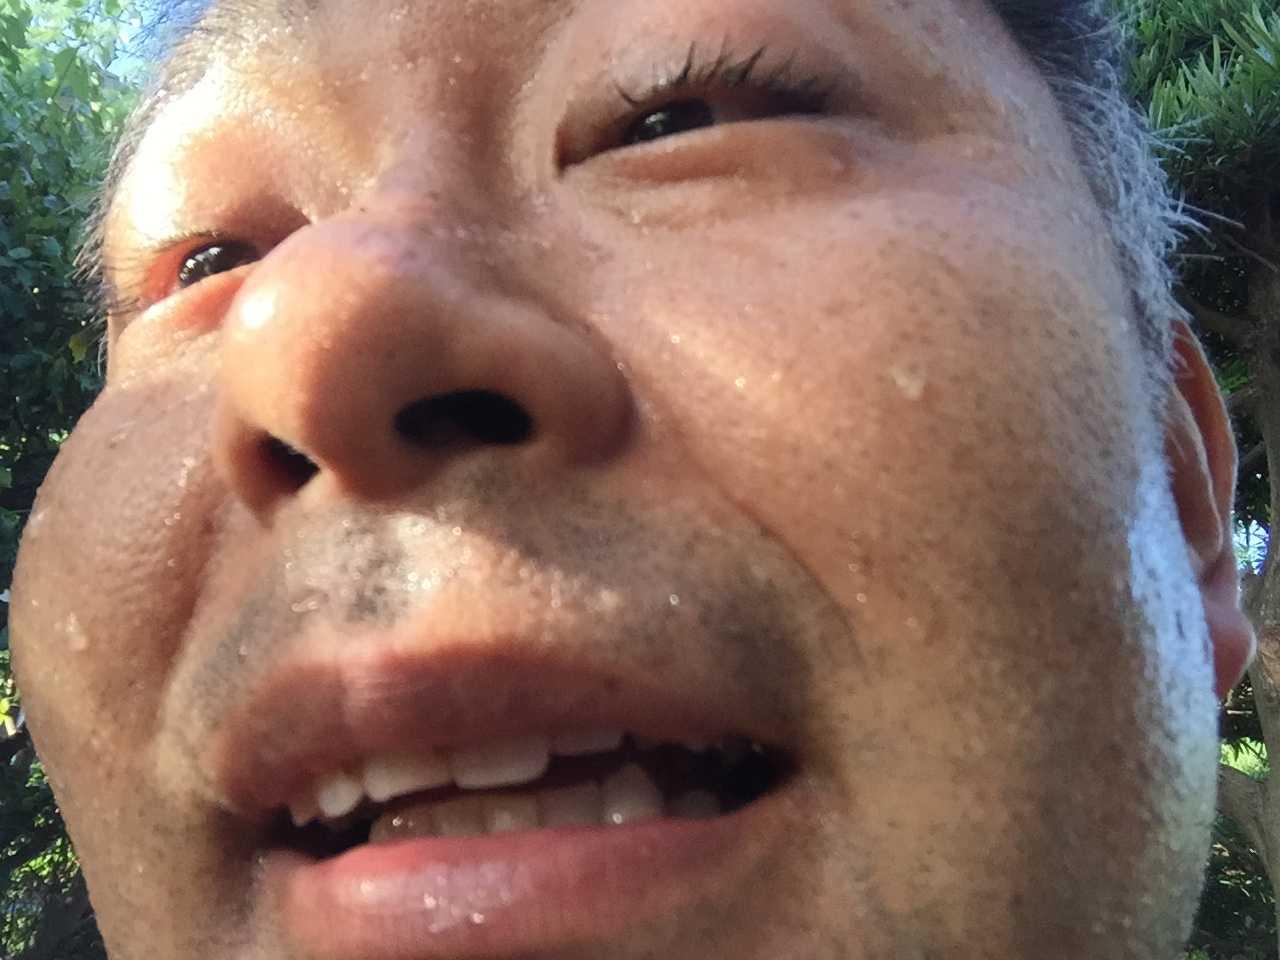 村内伸弘 - 恍惚の表情